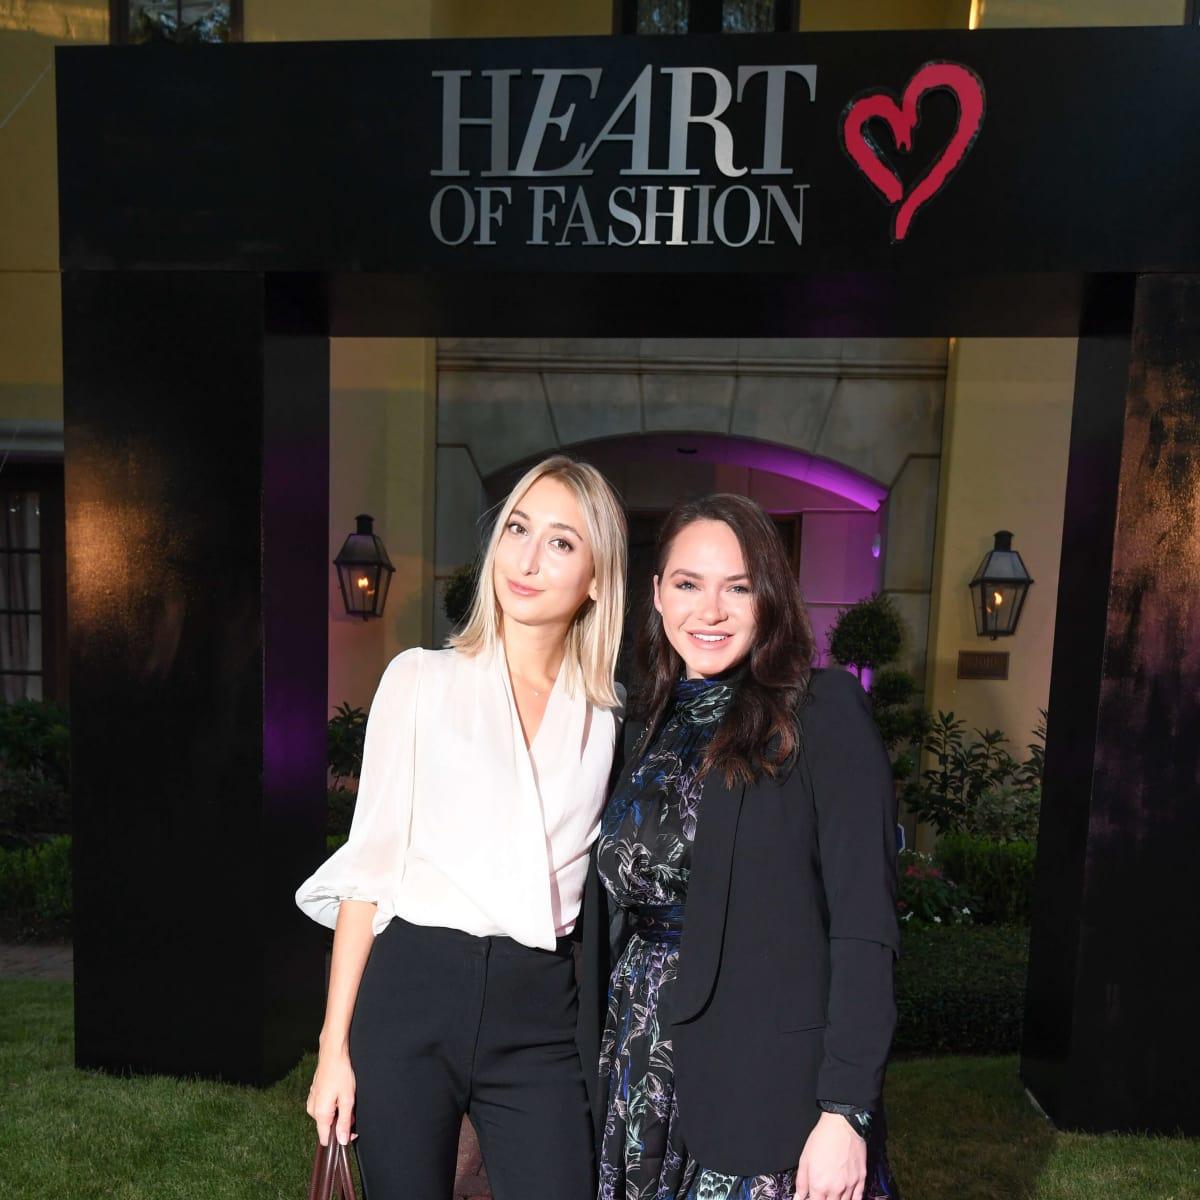 Heart of Fashion, Chiara Casiraghi Brody, Hannah Swiggart